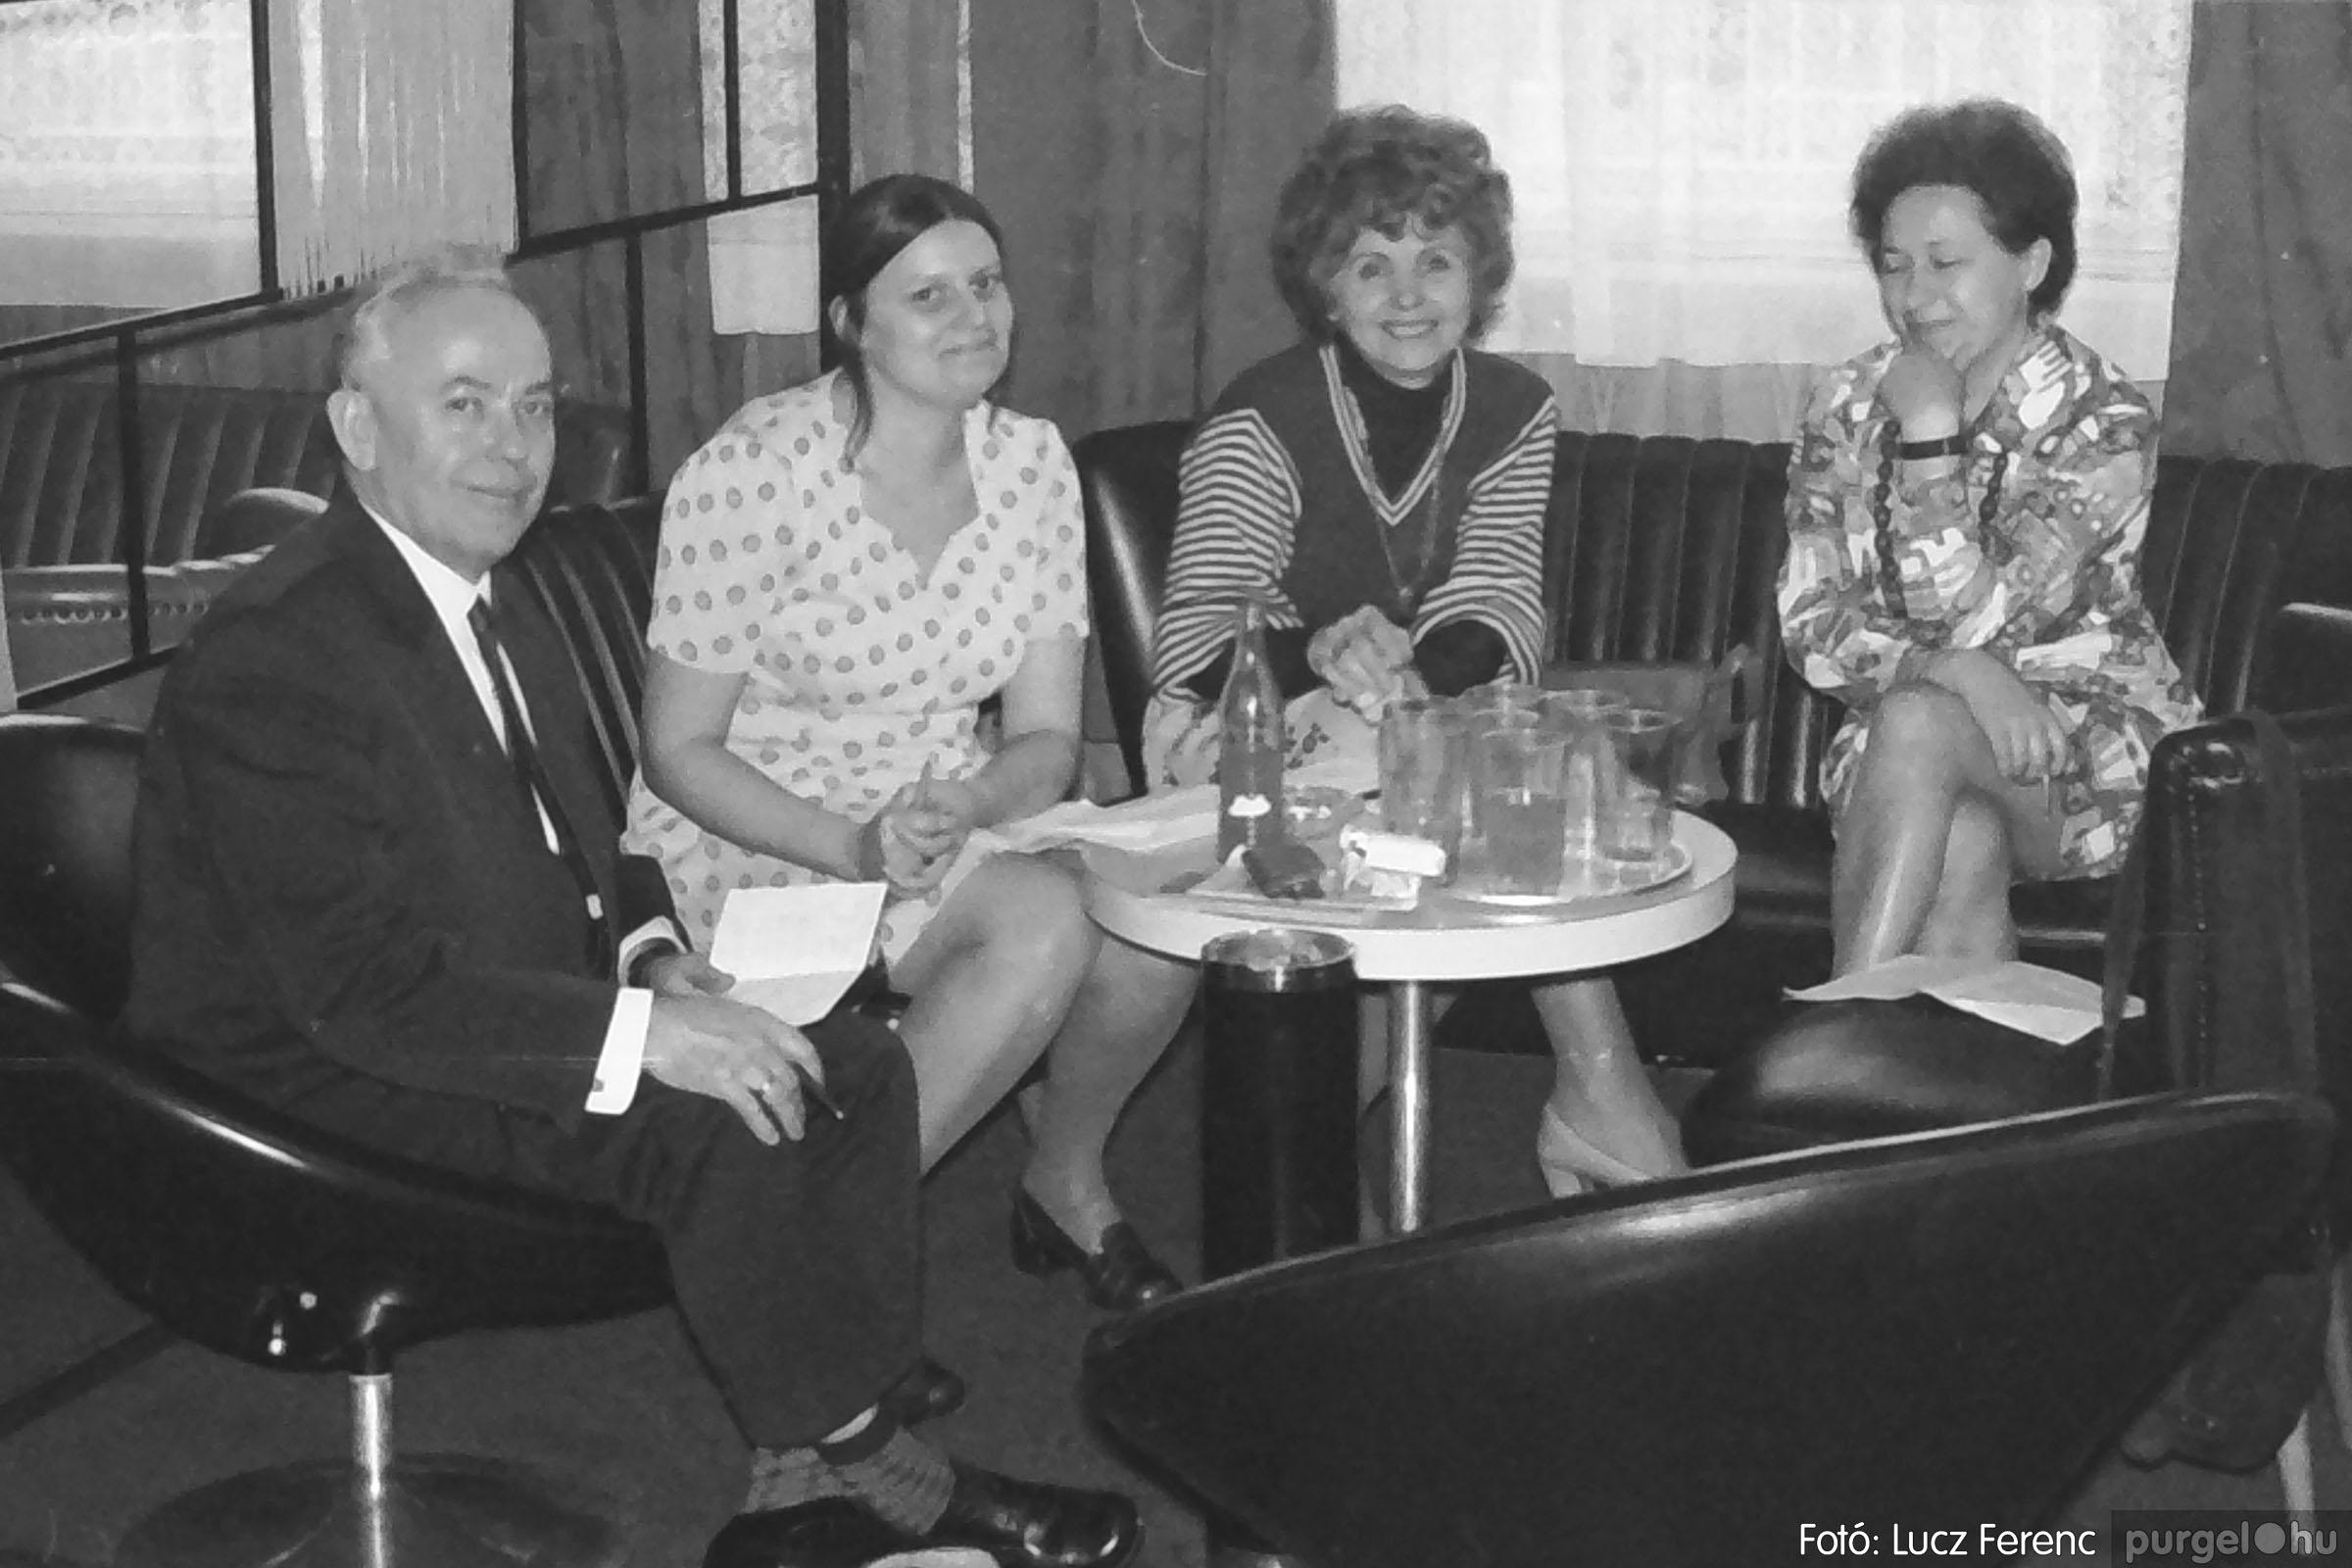 036-037. 1976. Diákprogram a kultúrházban 035 - Fotó: Lucz Ferenc.jpg